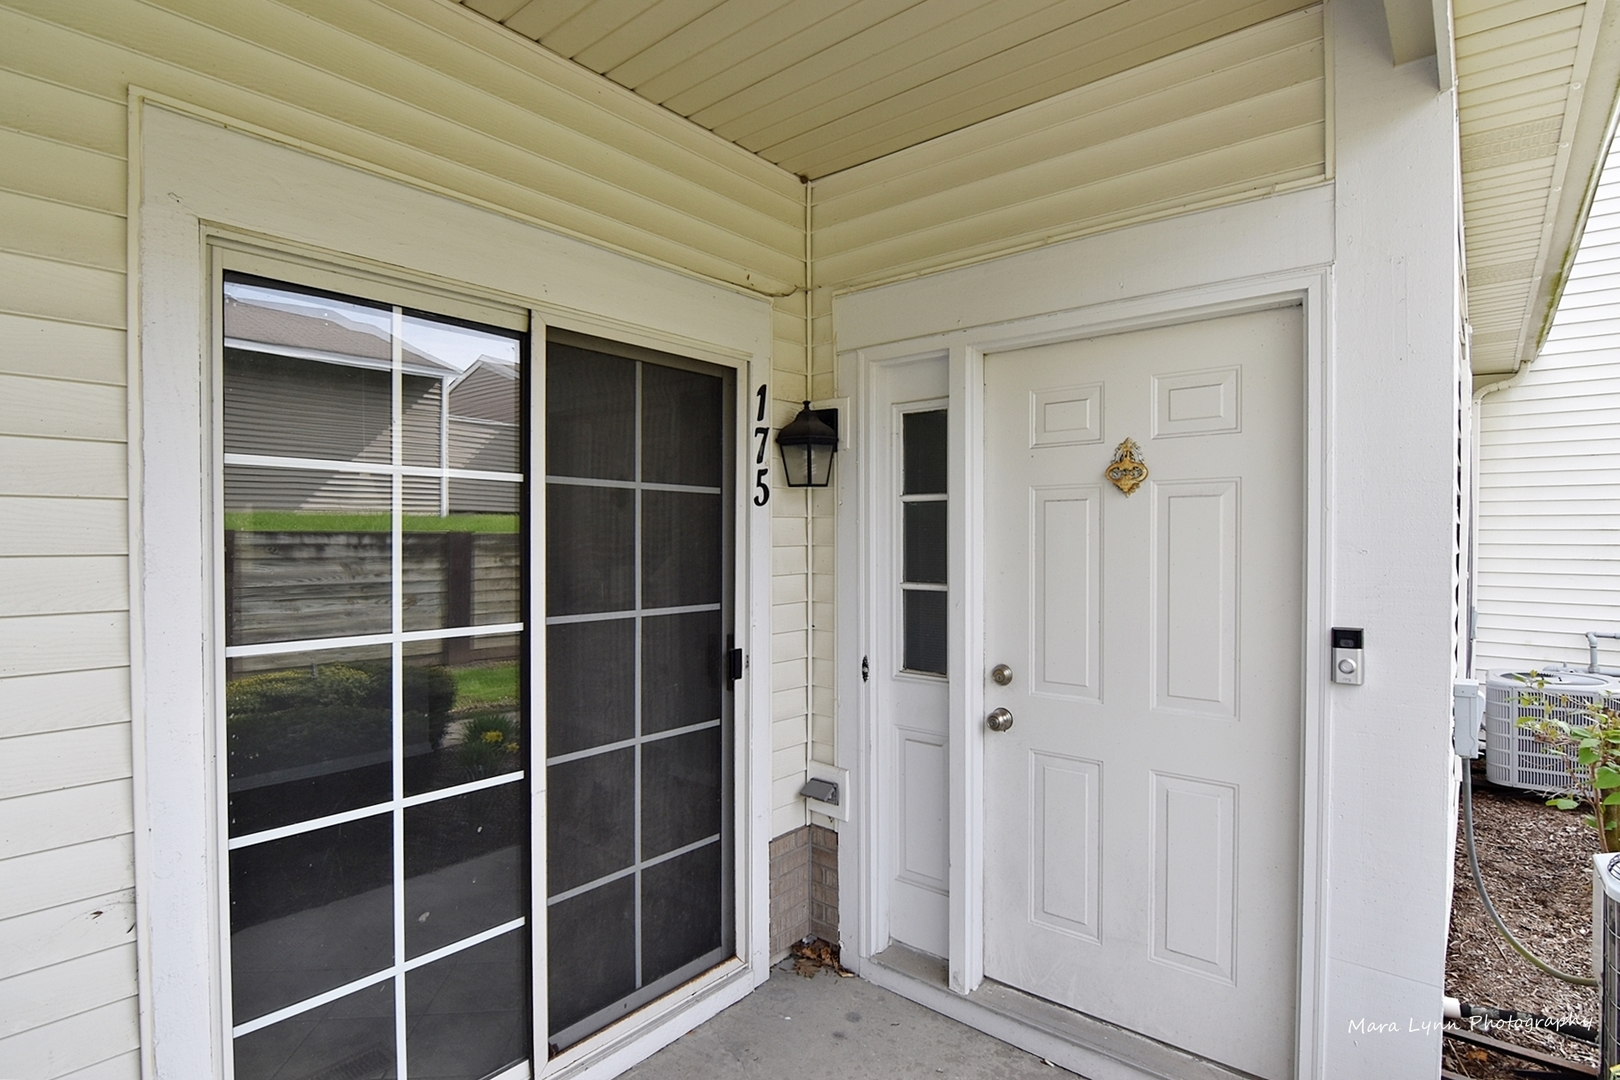 175 BRAXTON 175, AURORA, Illinois, 60504